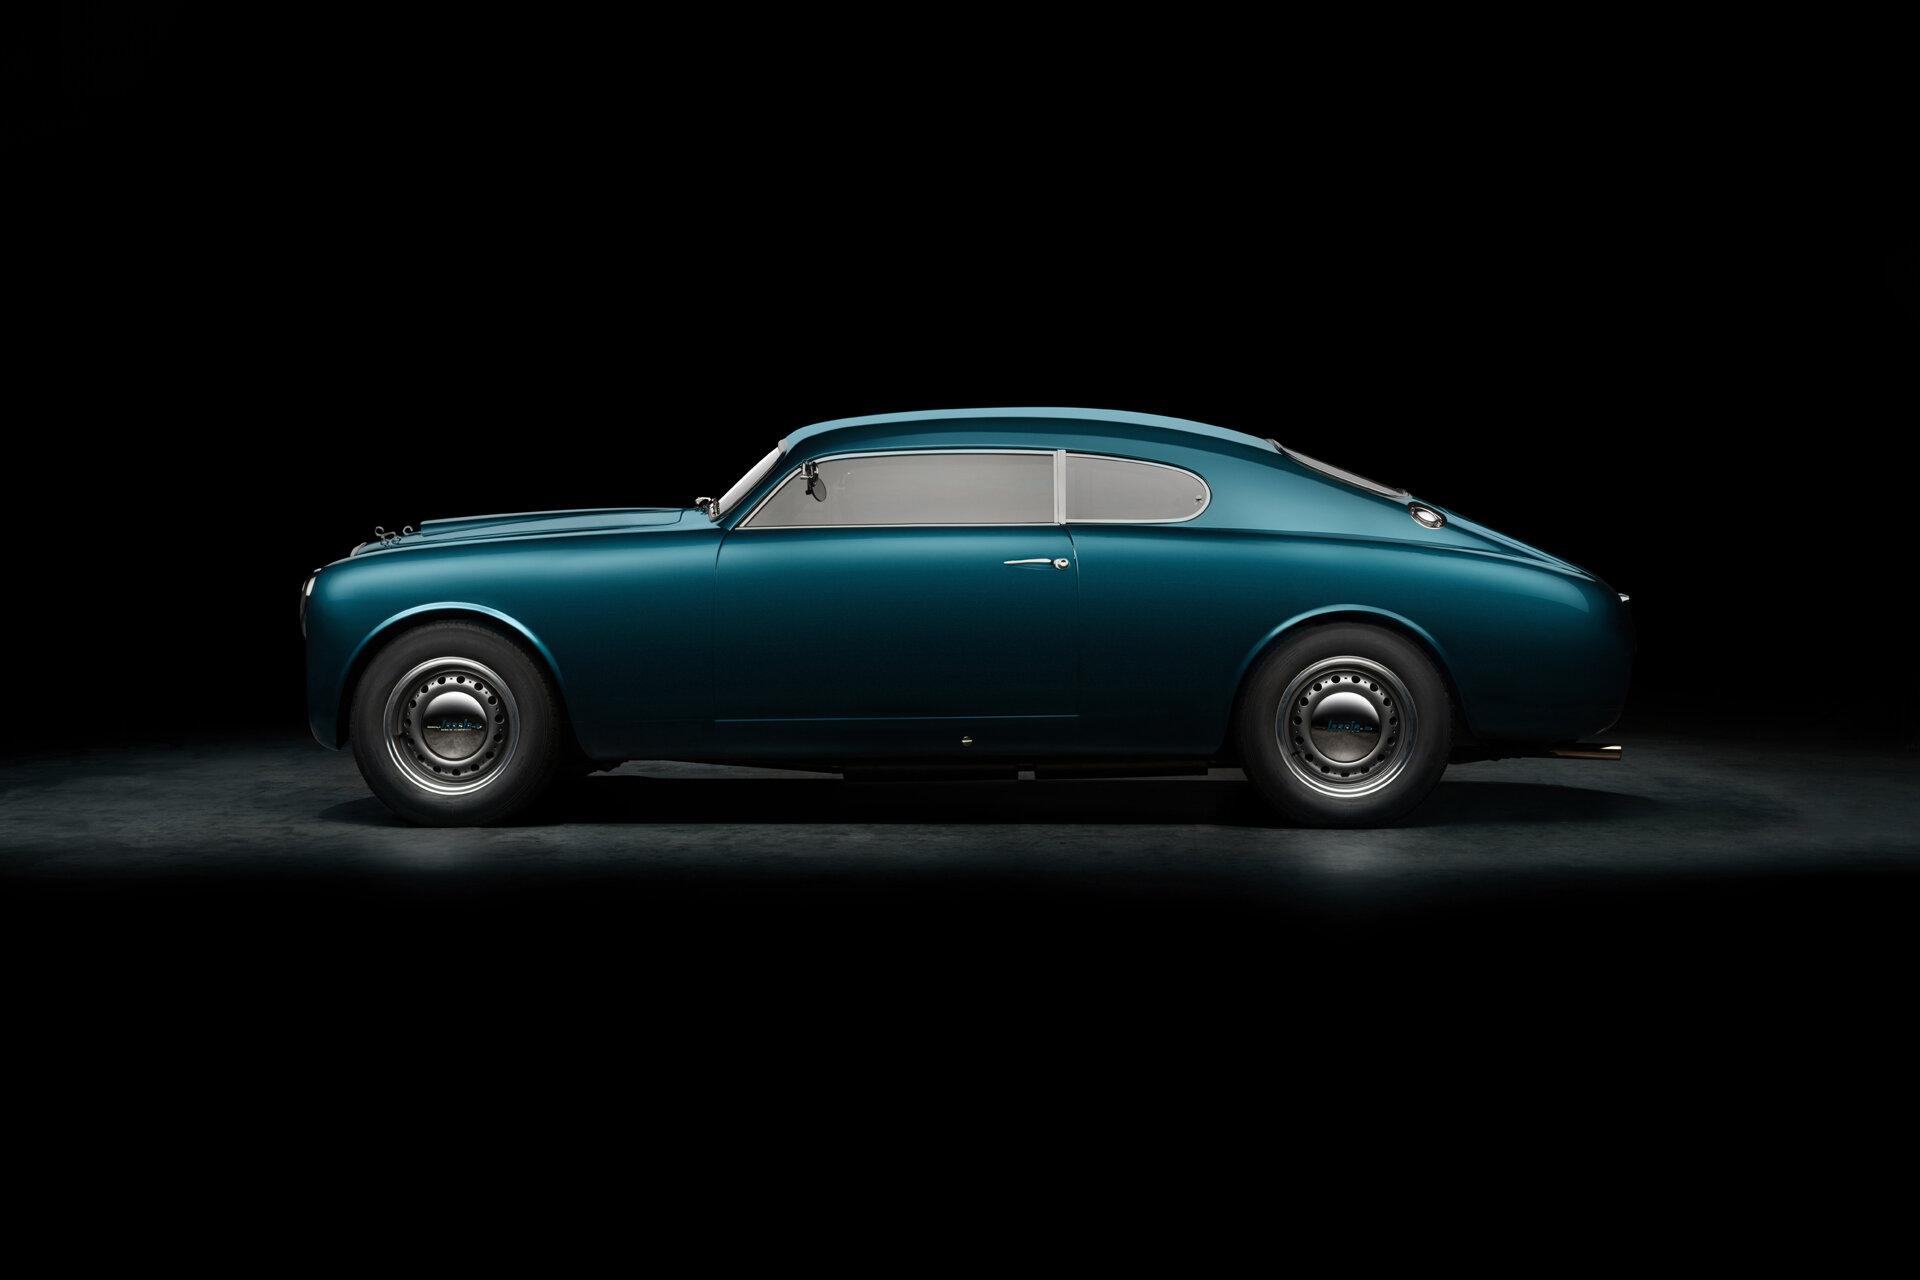 Lancia Aurelia 'Outlaw' profile